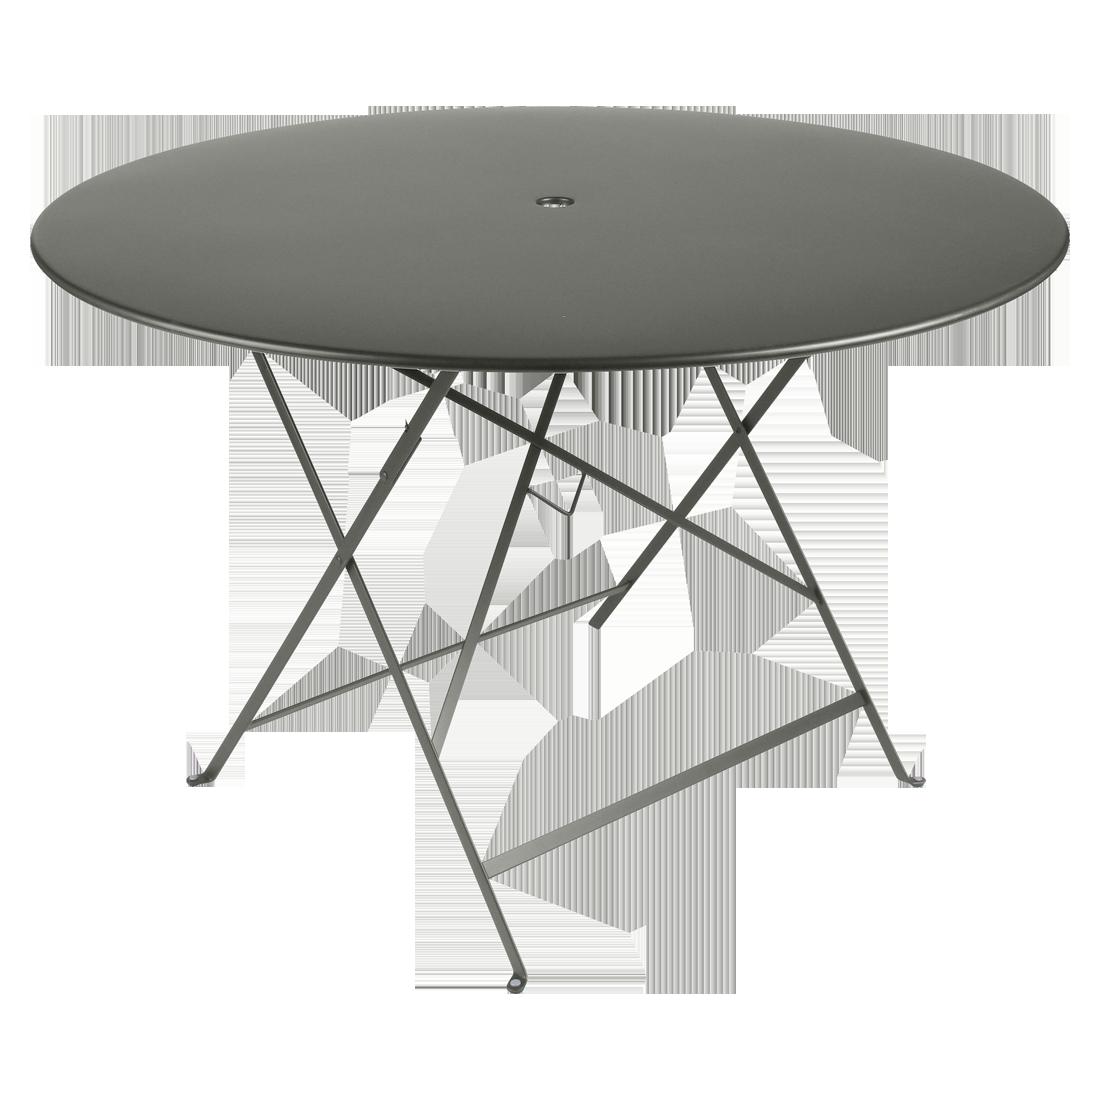 Table Bistro Ronde 117 Cm Table De Jardin Table Ronde Jardin